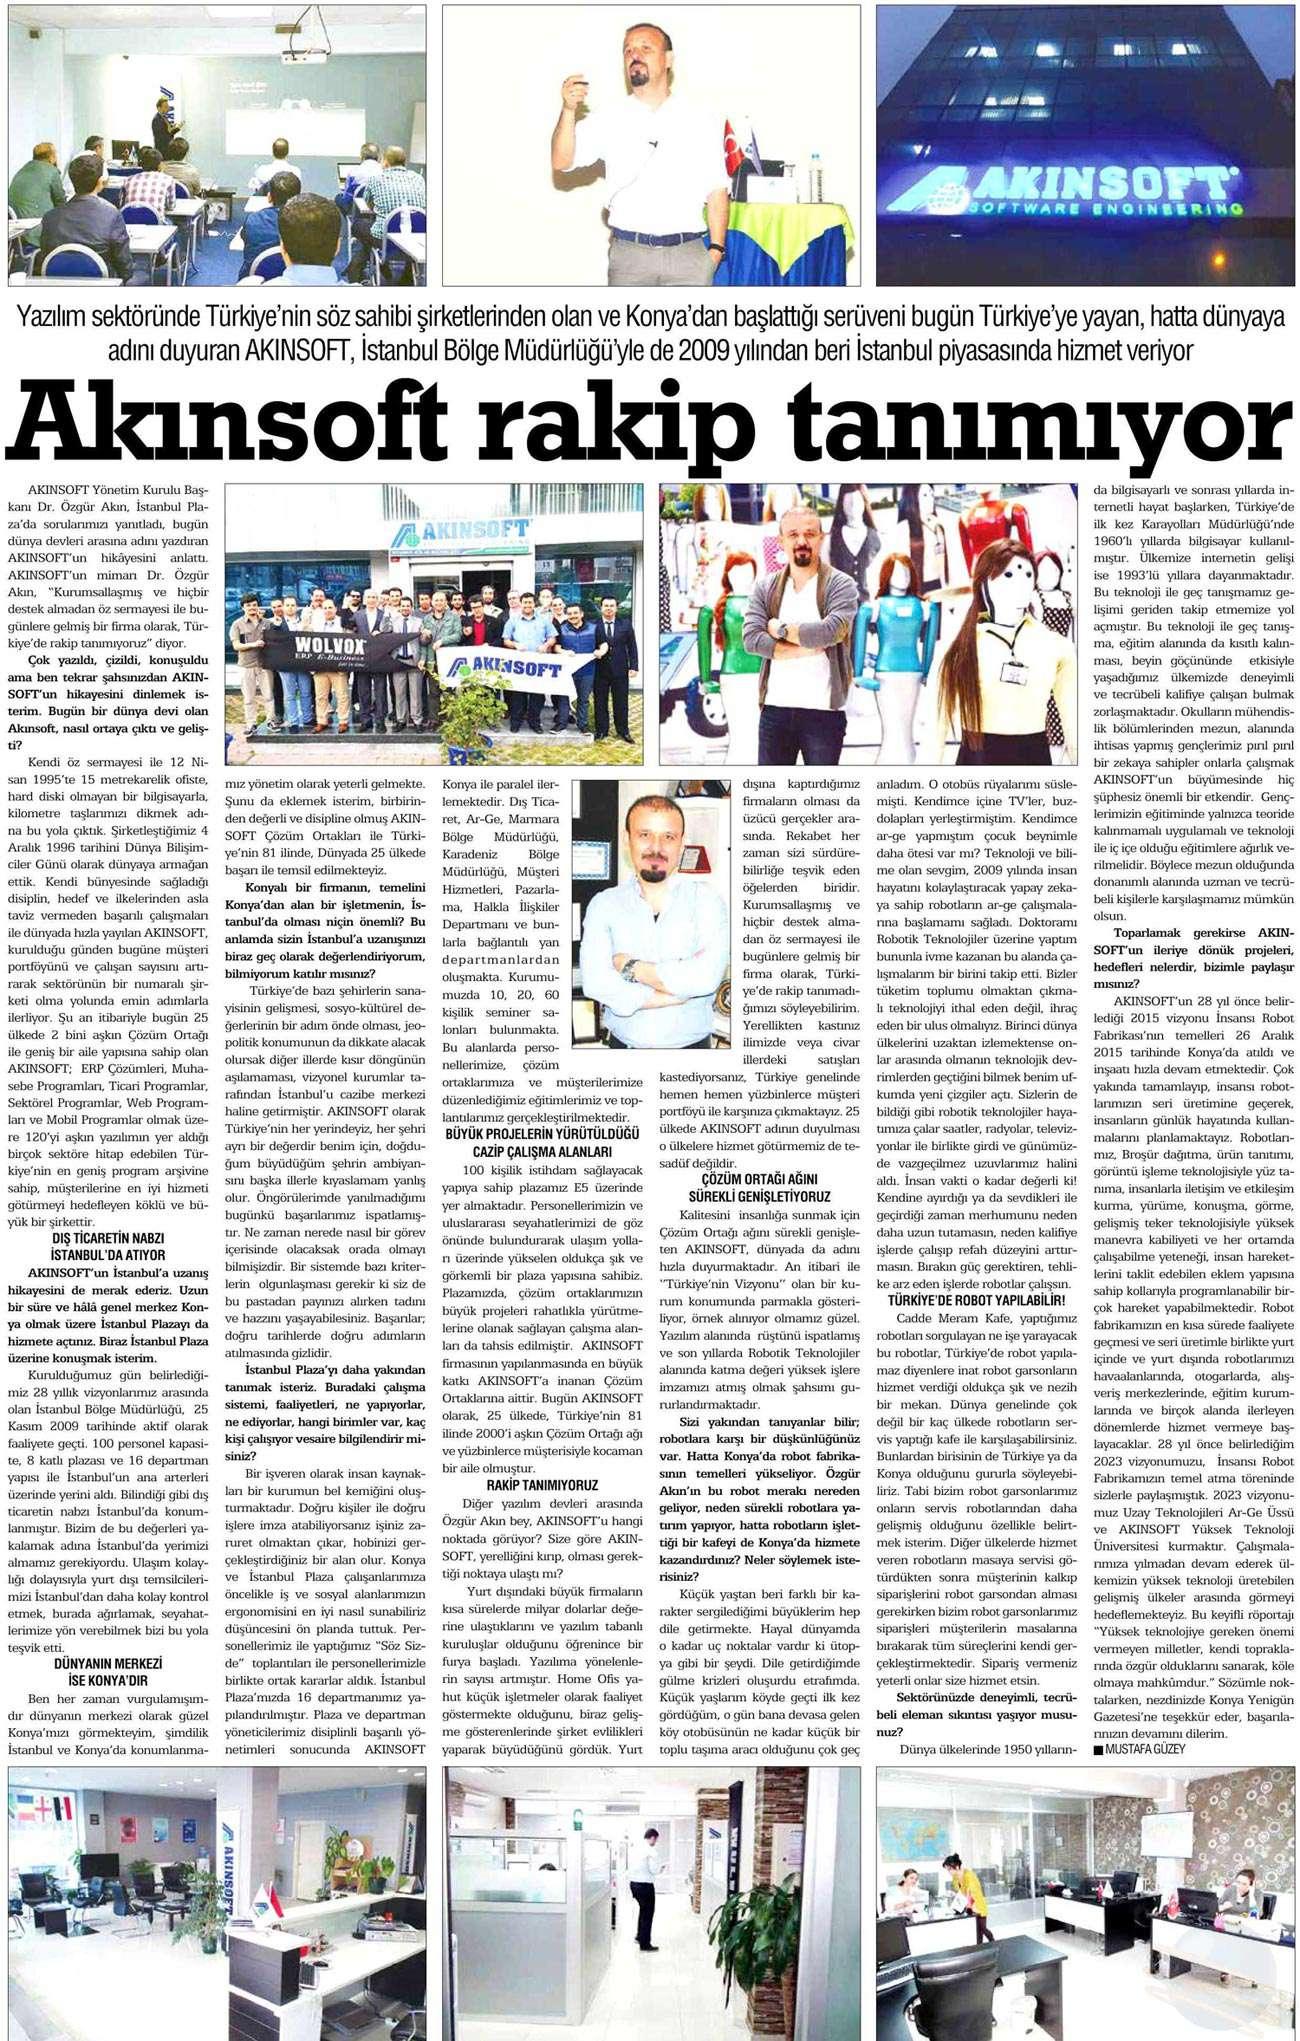 Dr Özgür AKINın Konya Yenigün Gazetesinde yayınlanan AKINSOFT Rakip Tanımıyor konulu röportaj çalışması